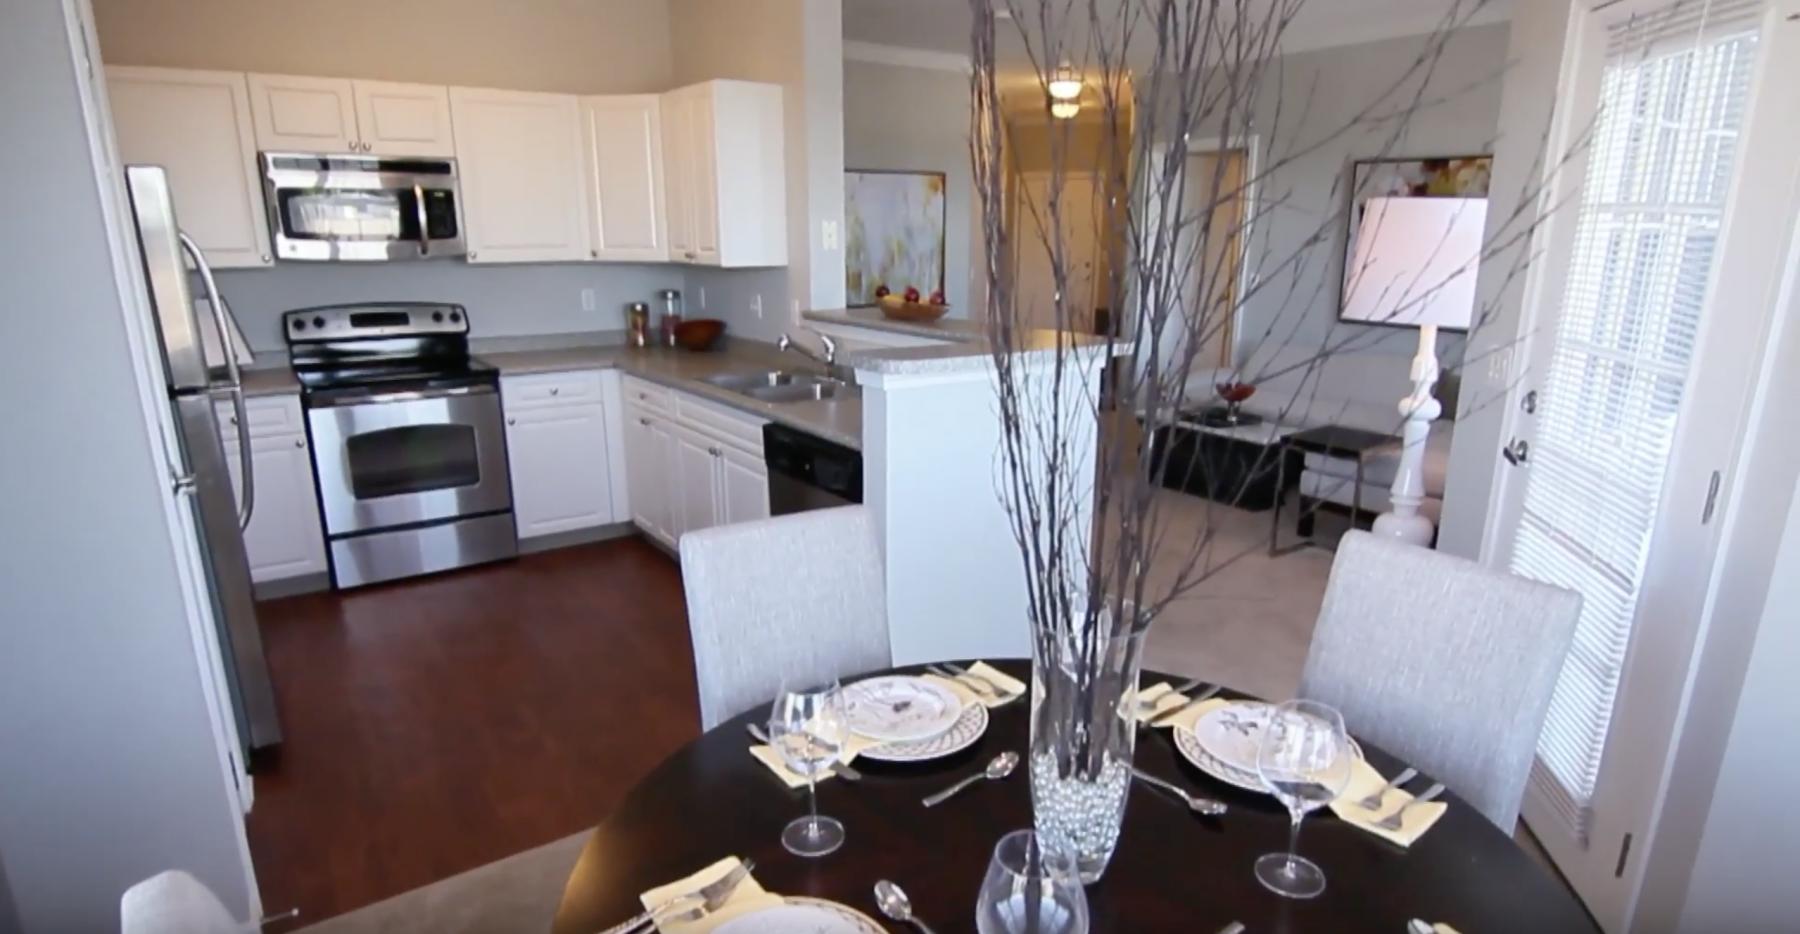 12 - Dinin - Kitchen Area